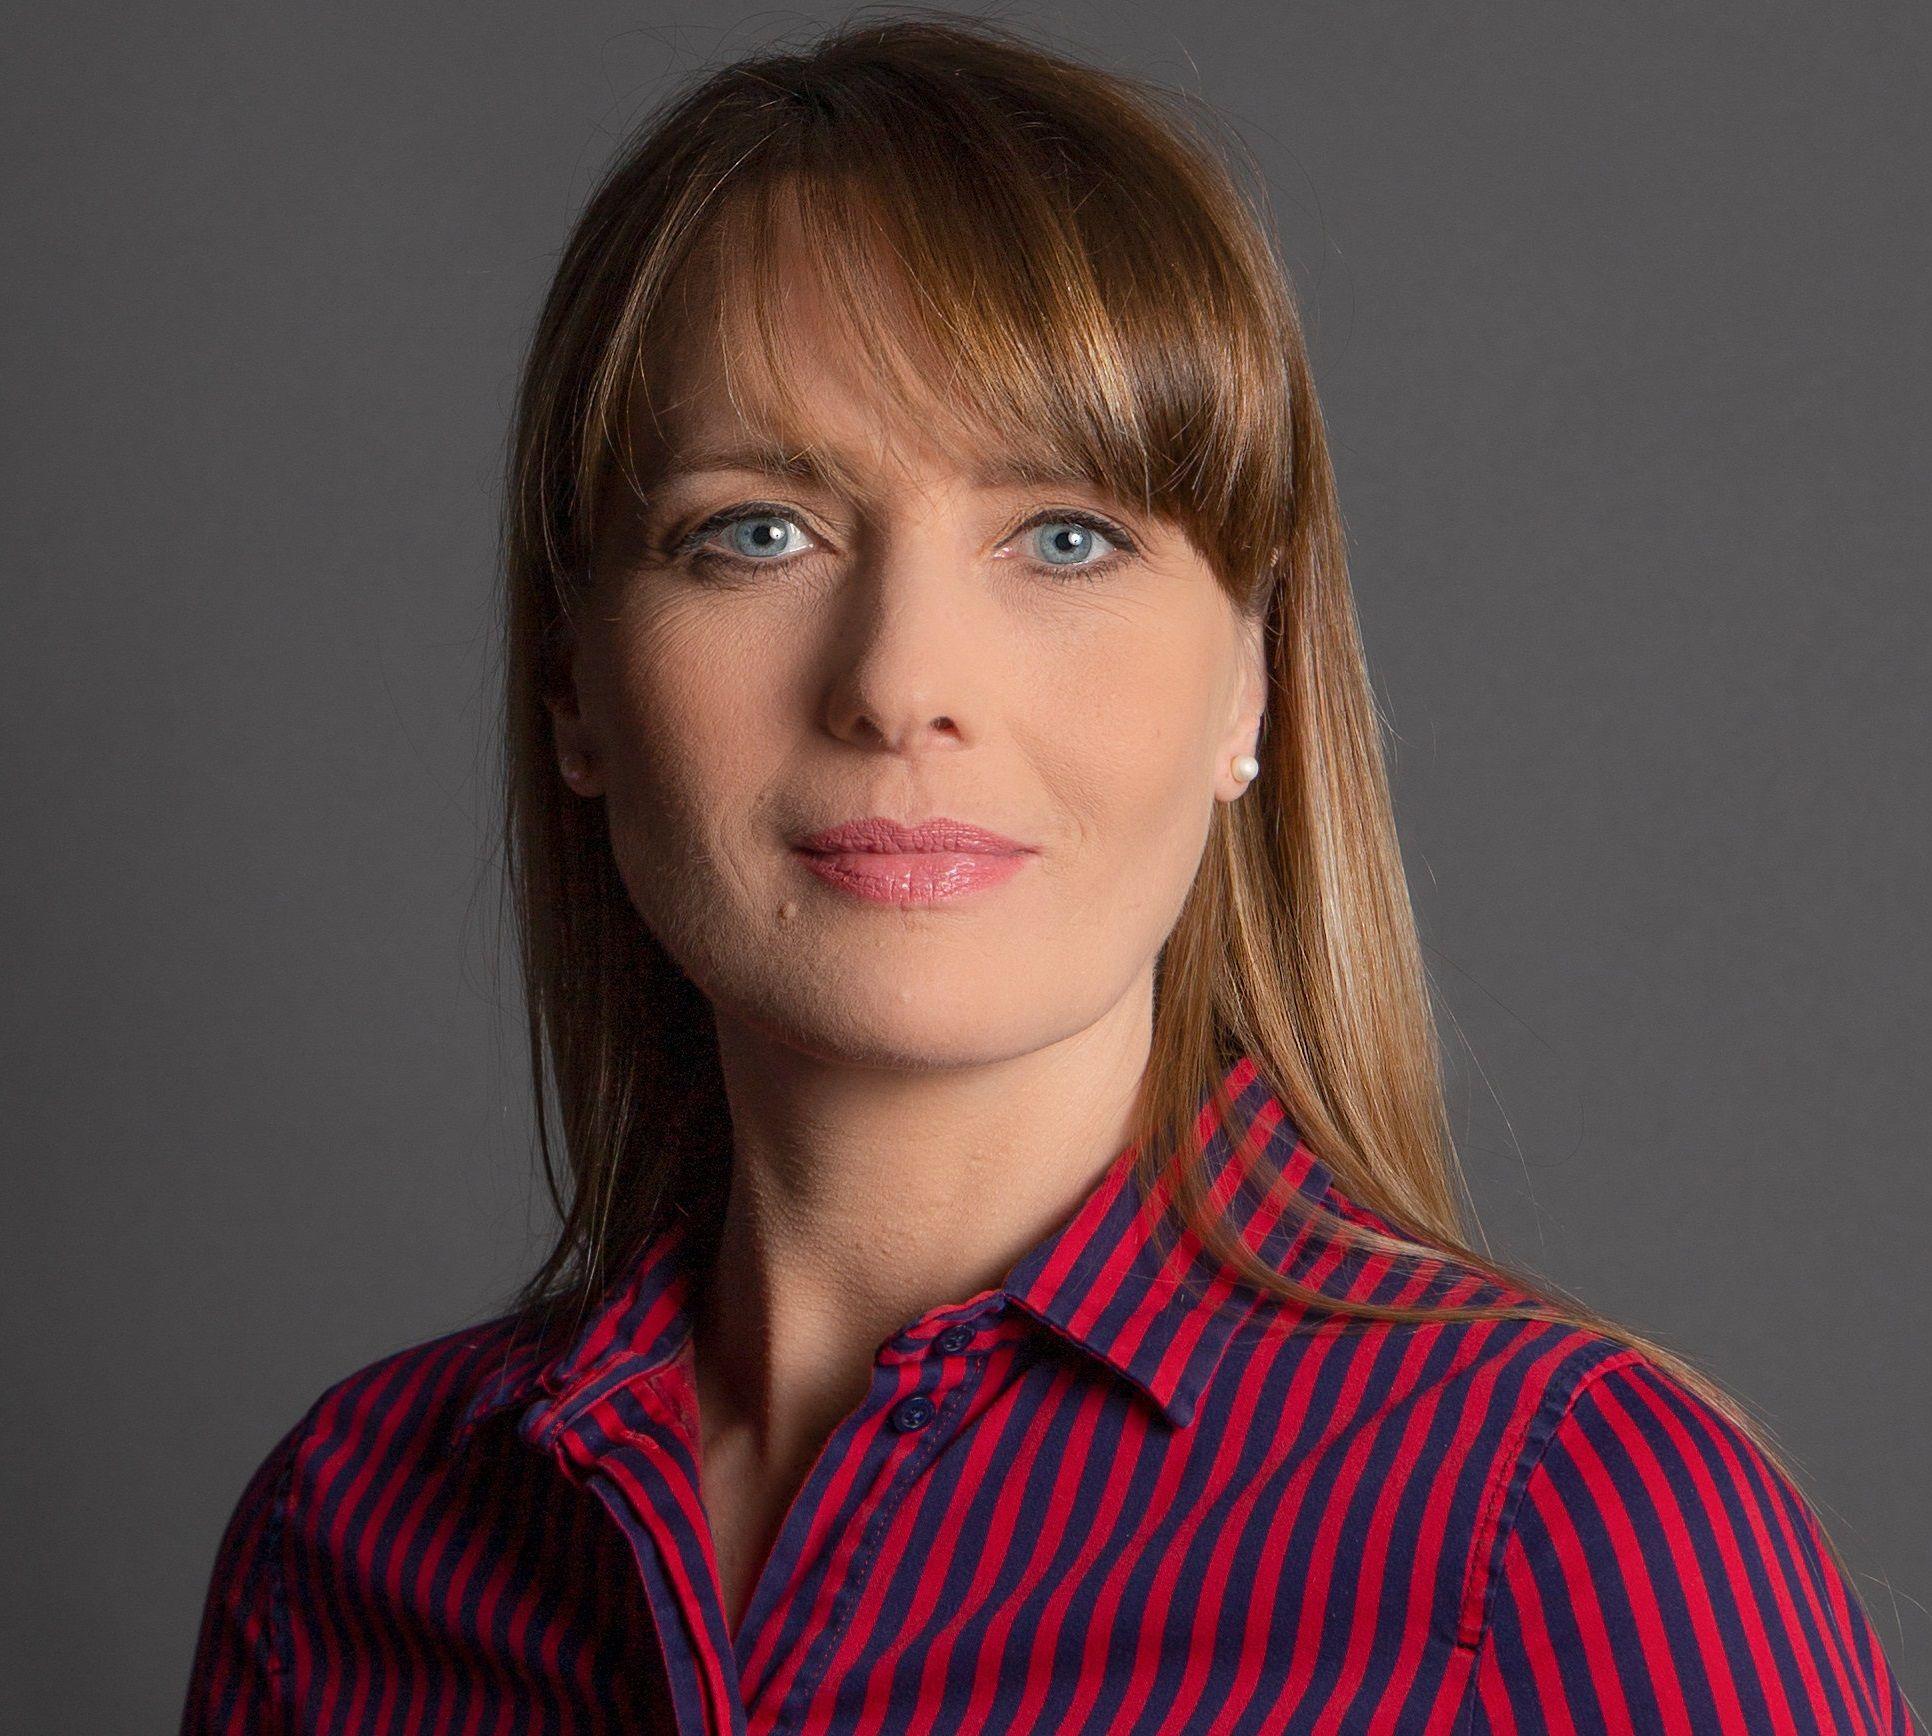 Brynja Þorgeirsdóttir